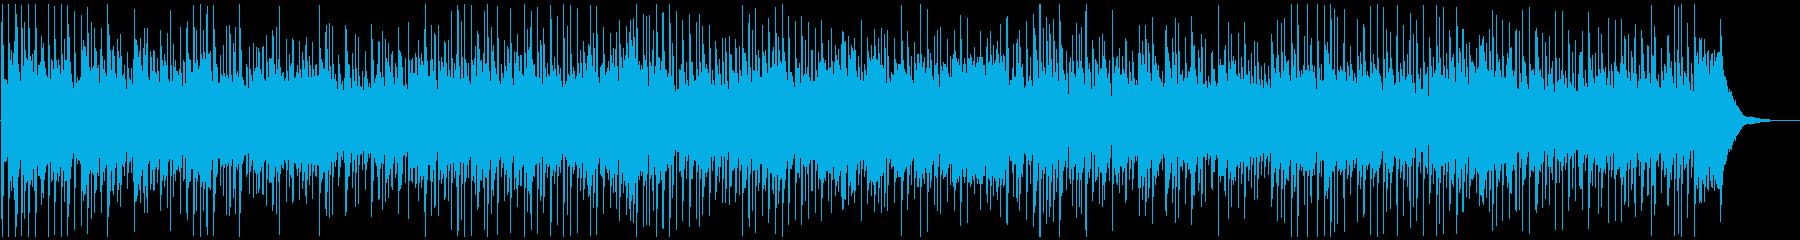 カントリー調ピアノバラードの再生済みの波形